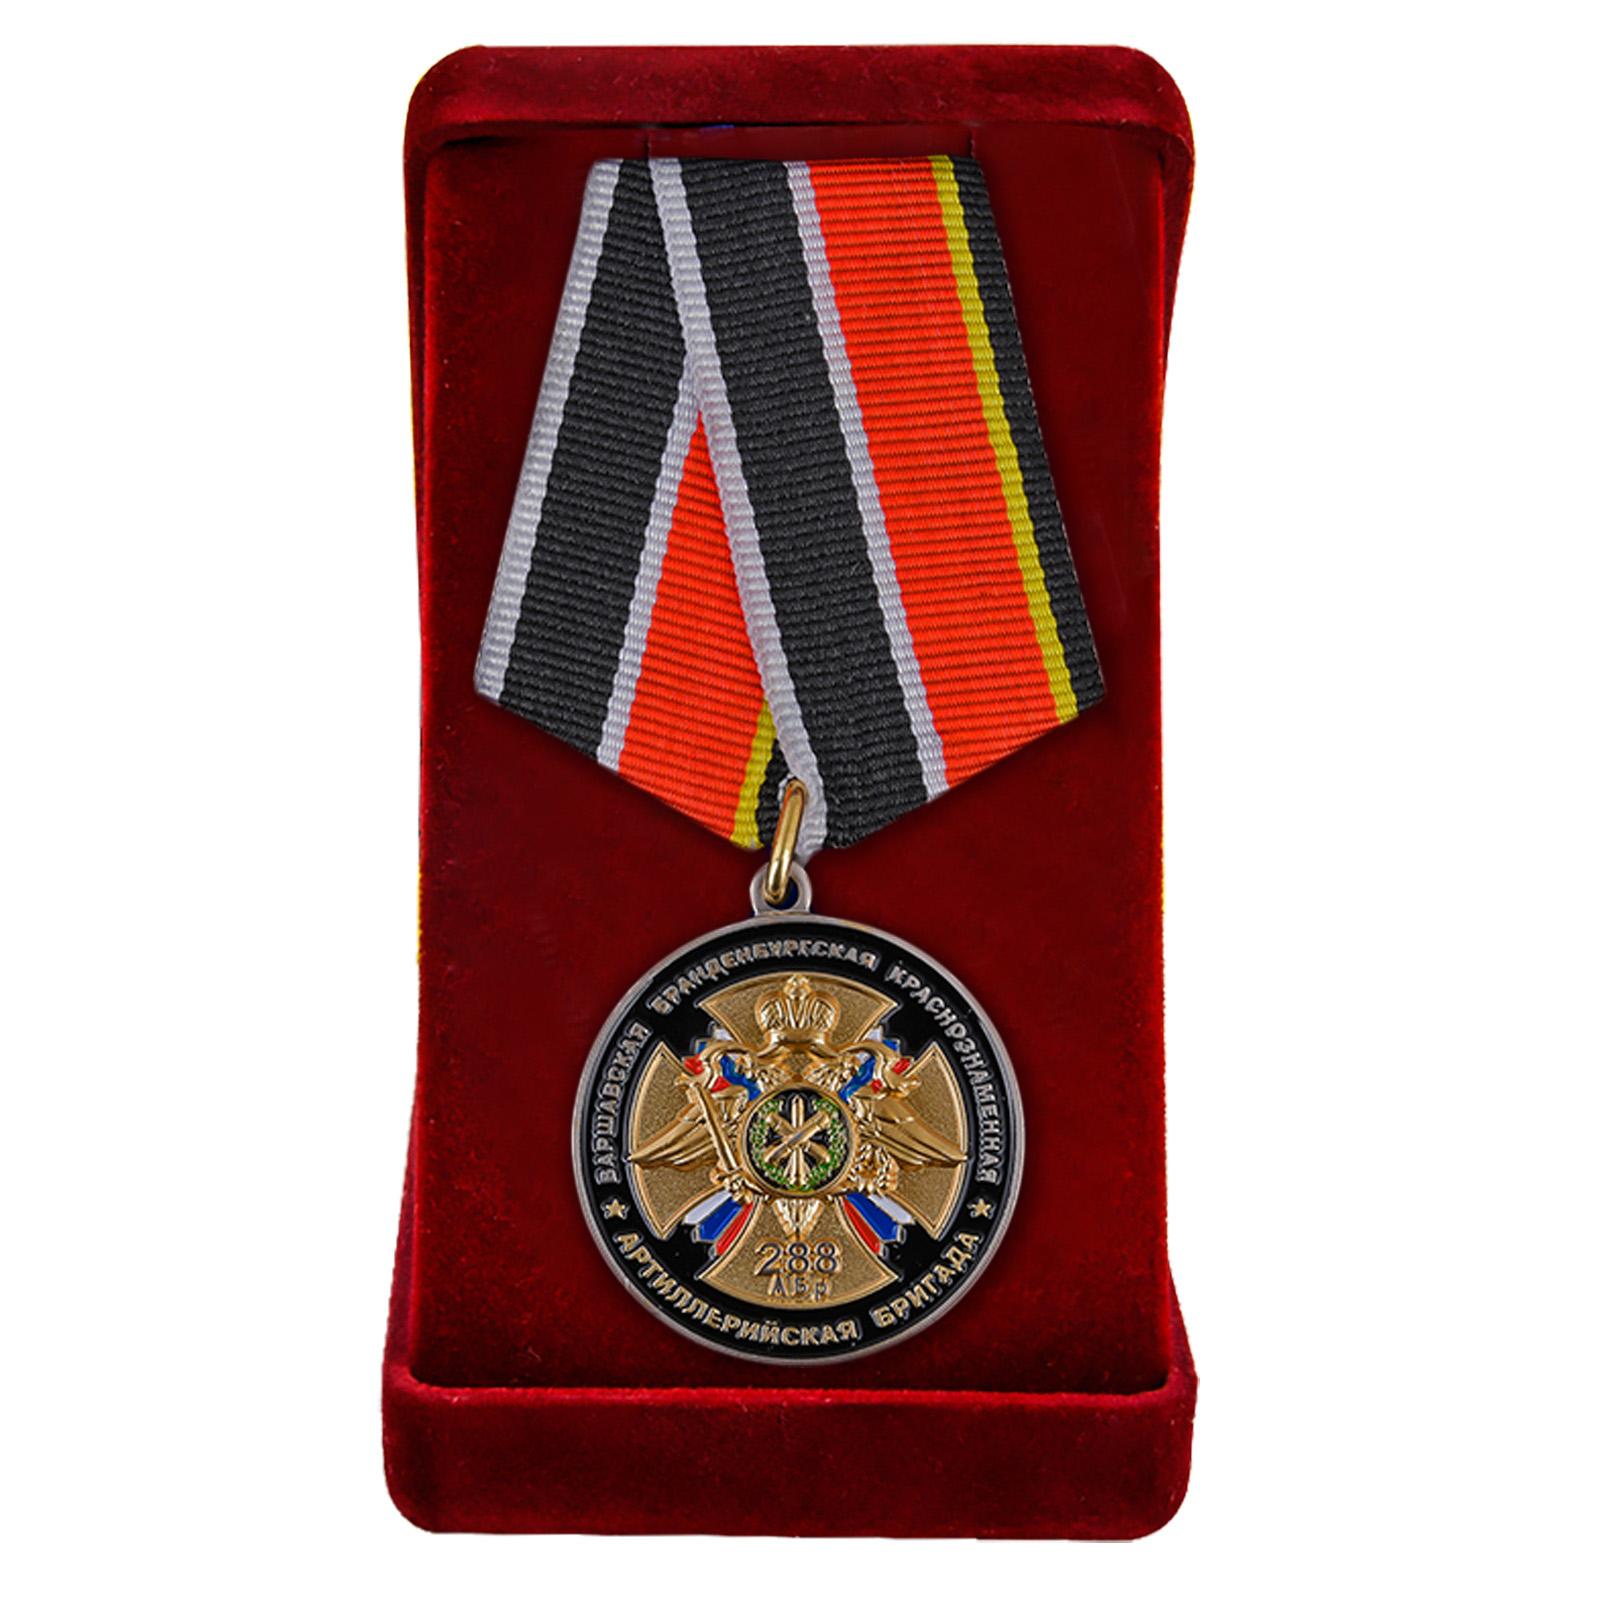 Купить памятную медаль 75 лет 288-ой Артиллерийской бригады с доставкой